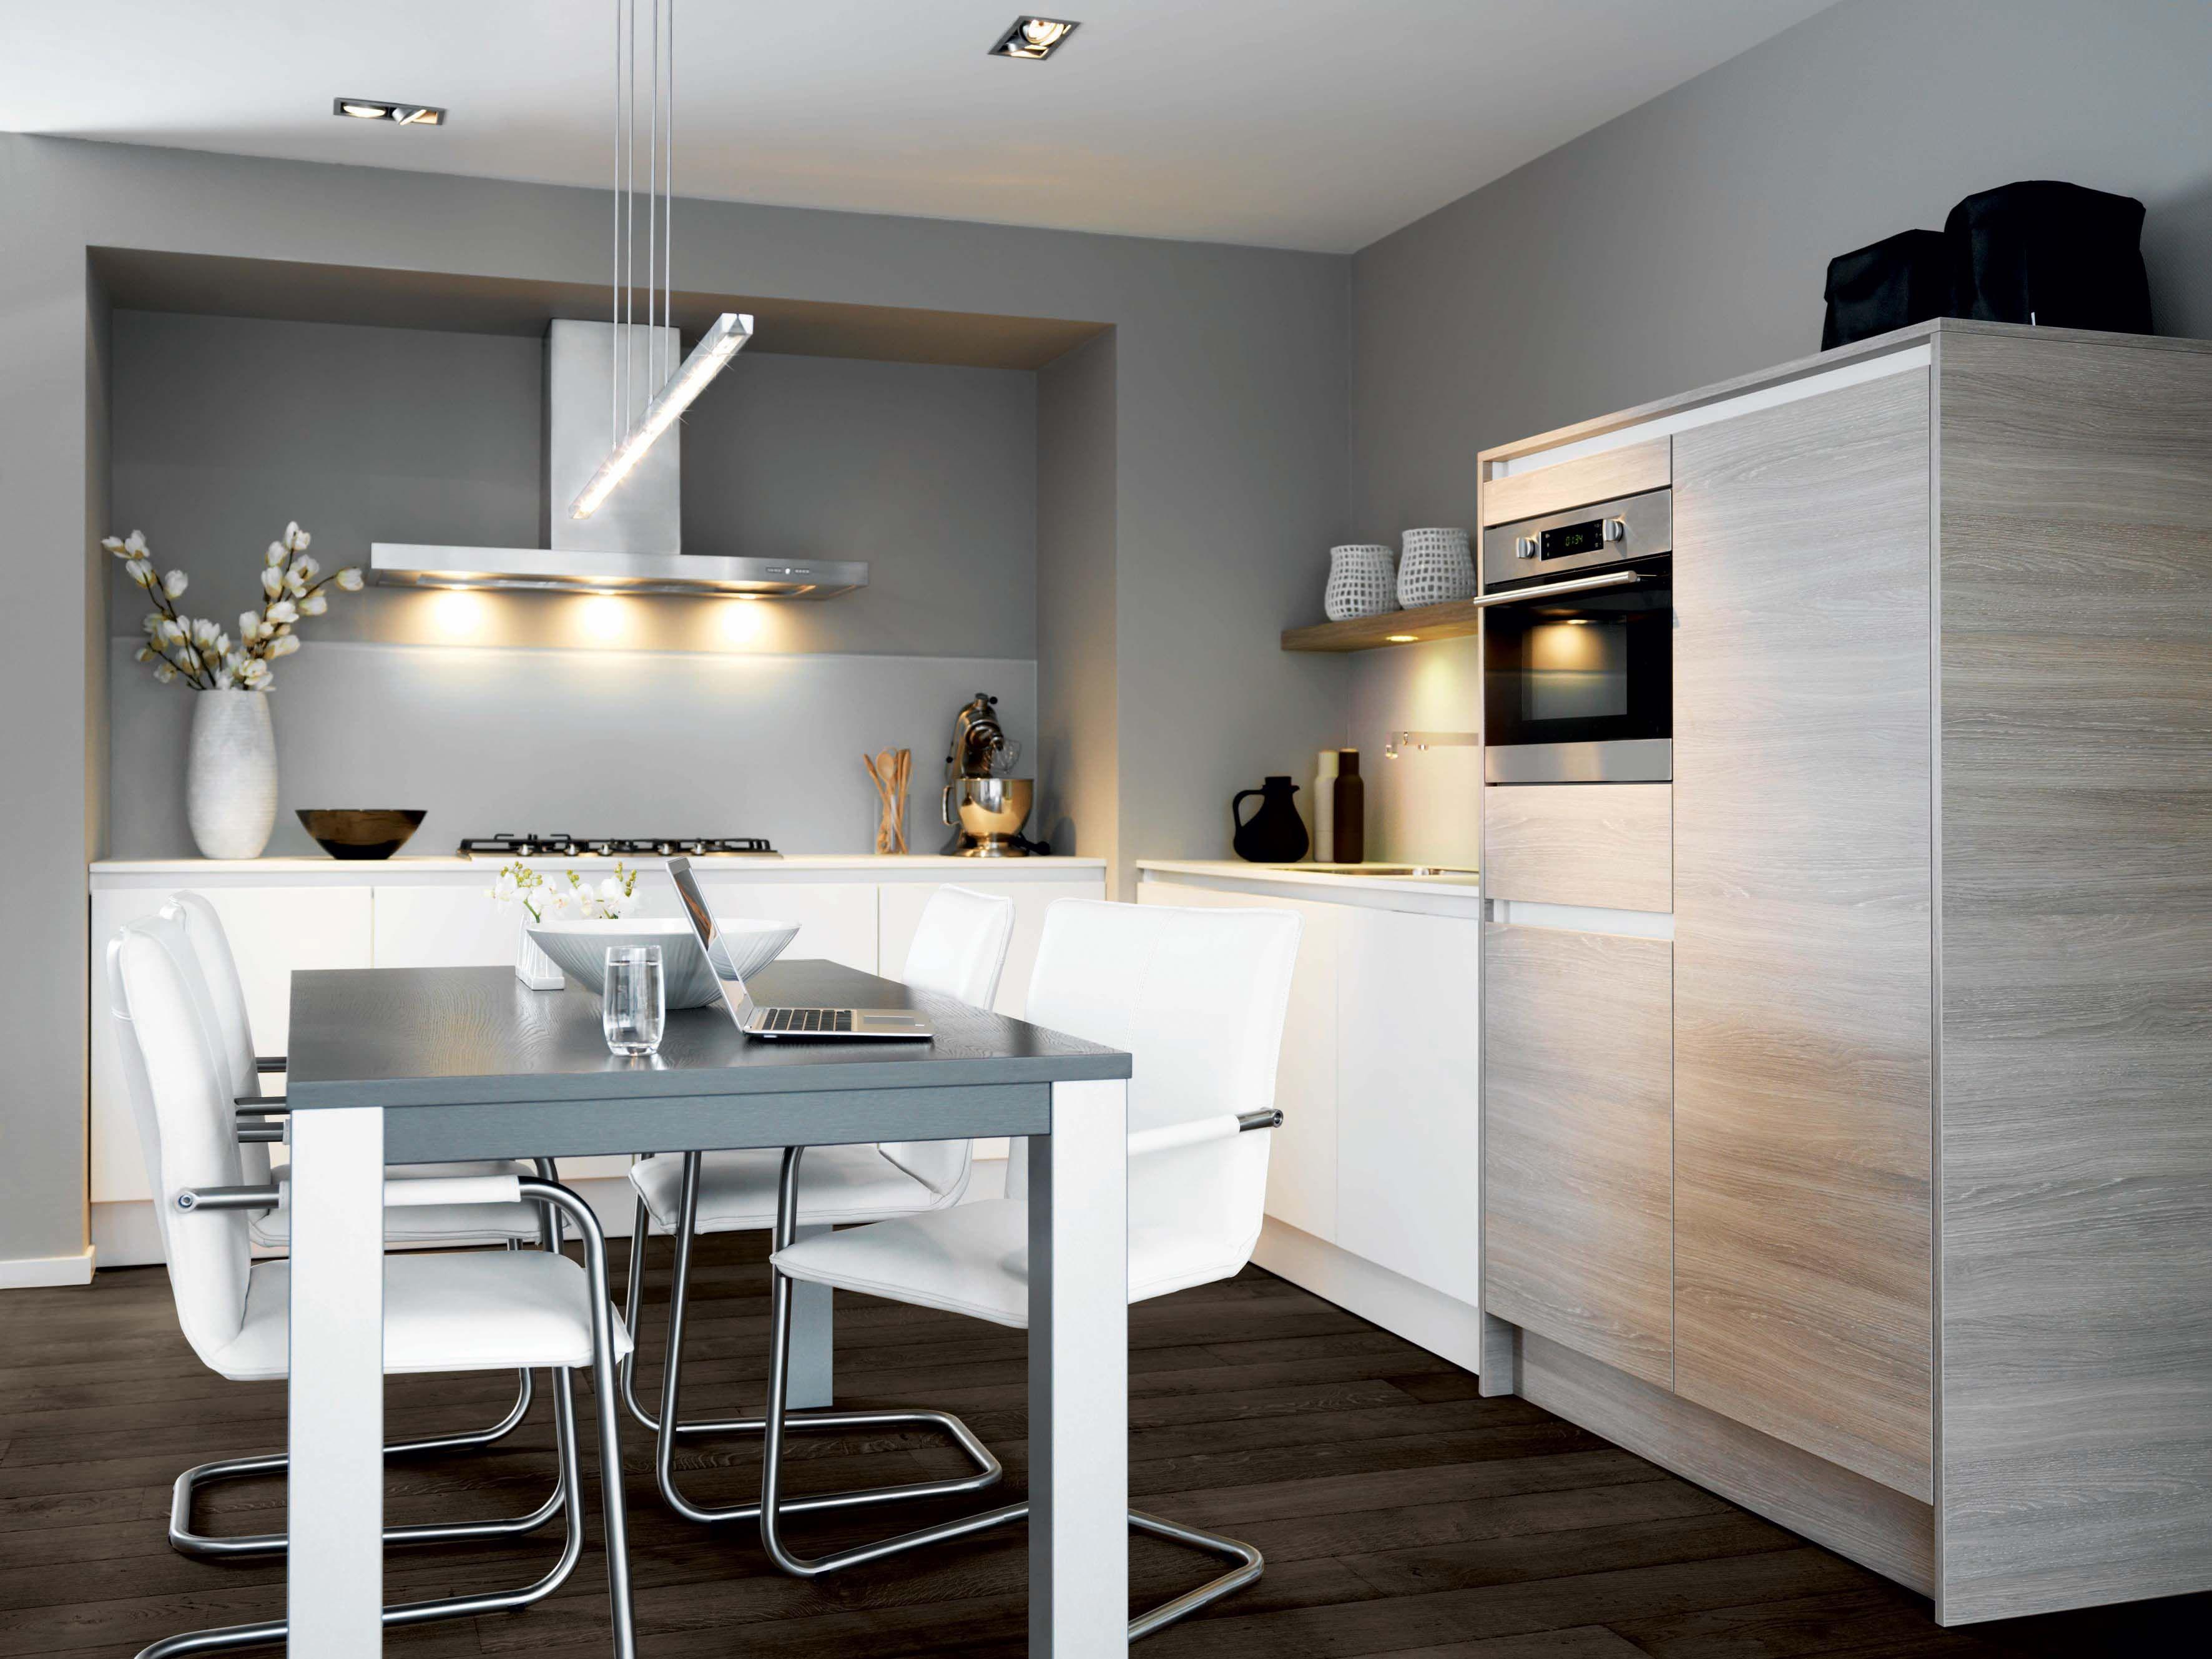 Keller Keuken Fronten : Keller keuken gl2000 wit & castle oak #keller #keuken #keukens